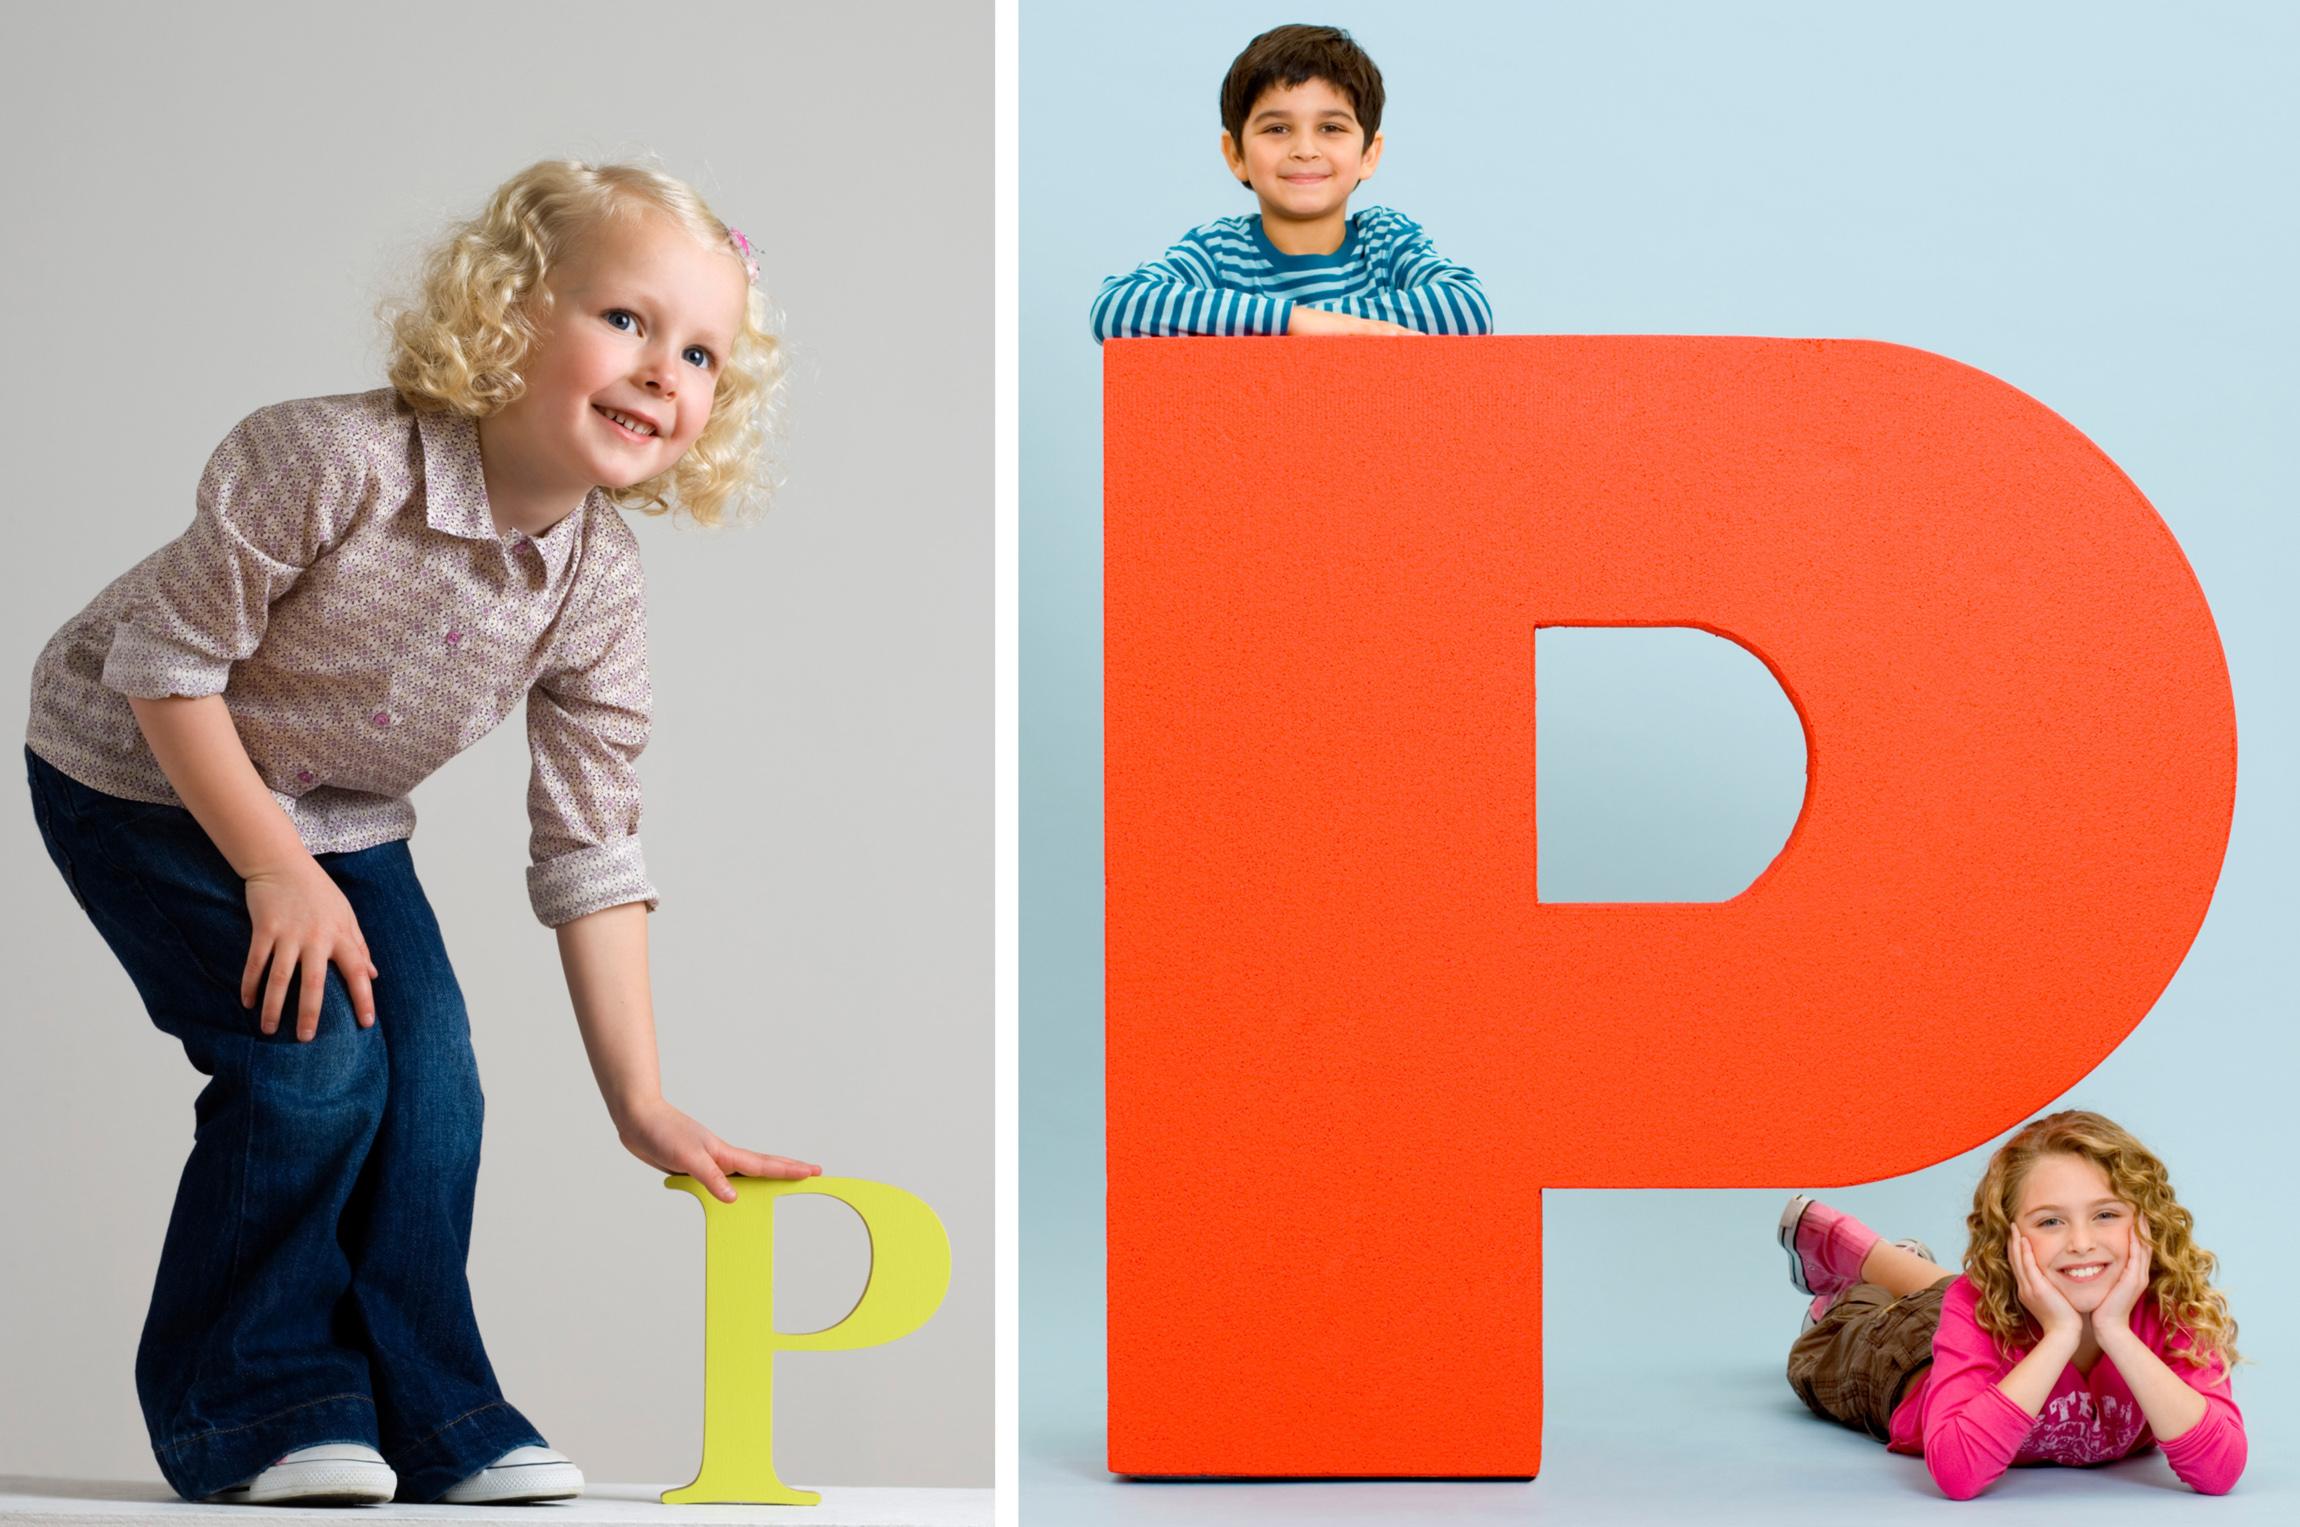 """Как научить ребенка выговаривать букву """"Р"""". Советы родителям"""